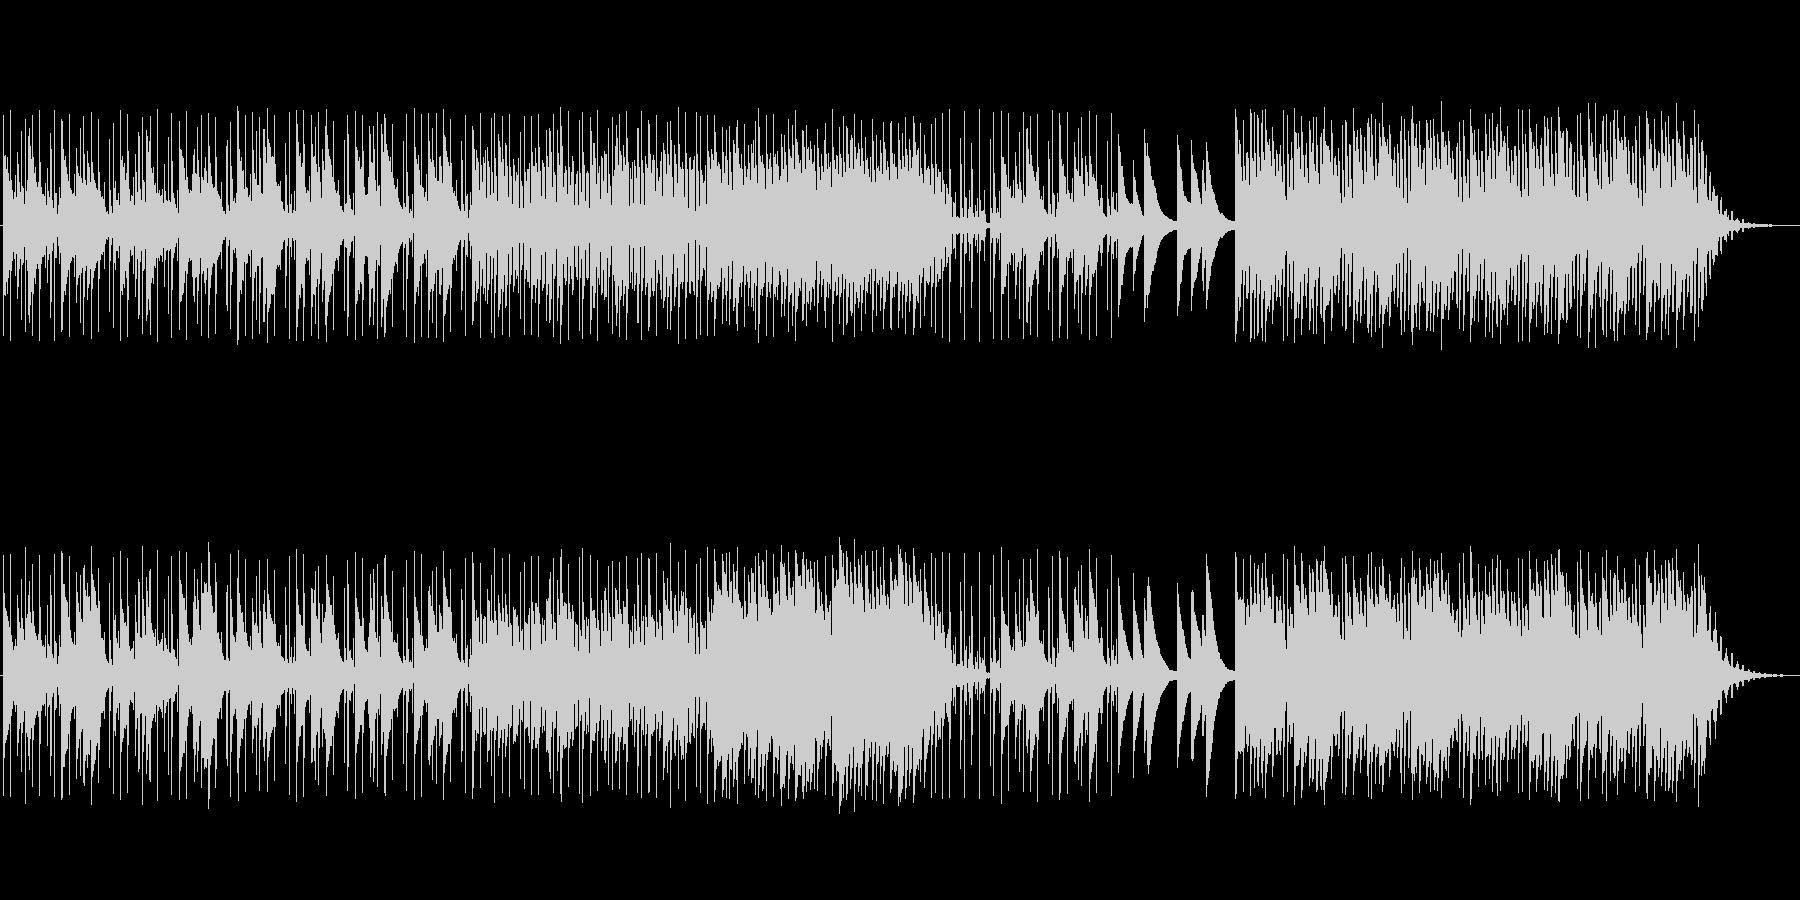 グロッケンがメロディーの静かな曲の未再生の波形